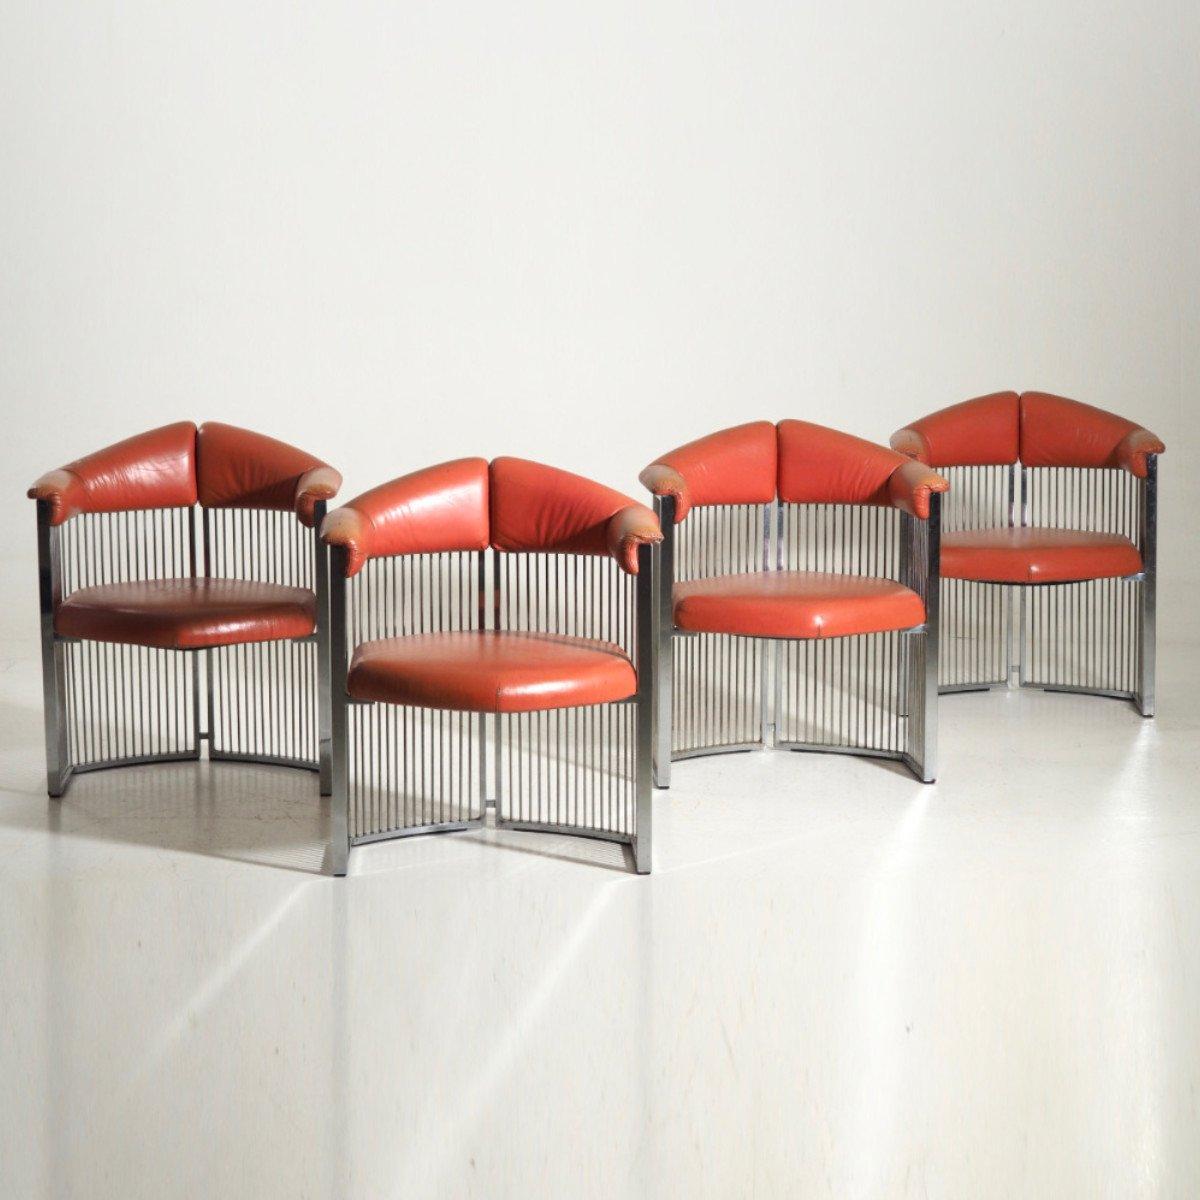 Italienische Sessel Aus Verchromtem Stahl Leder 1960er